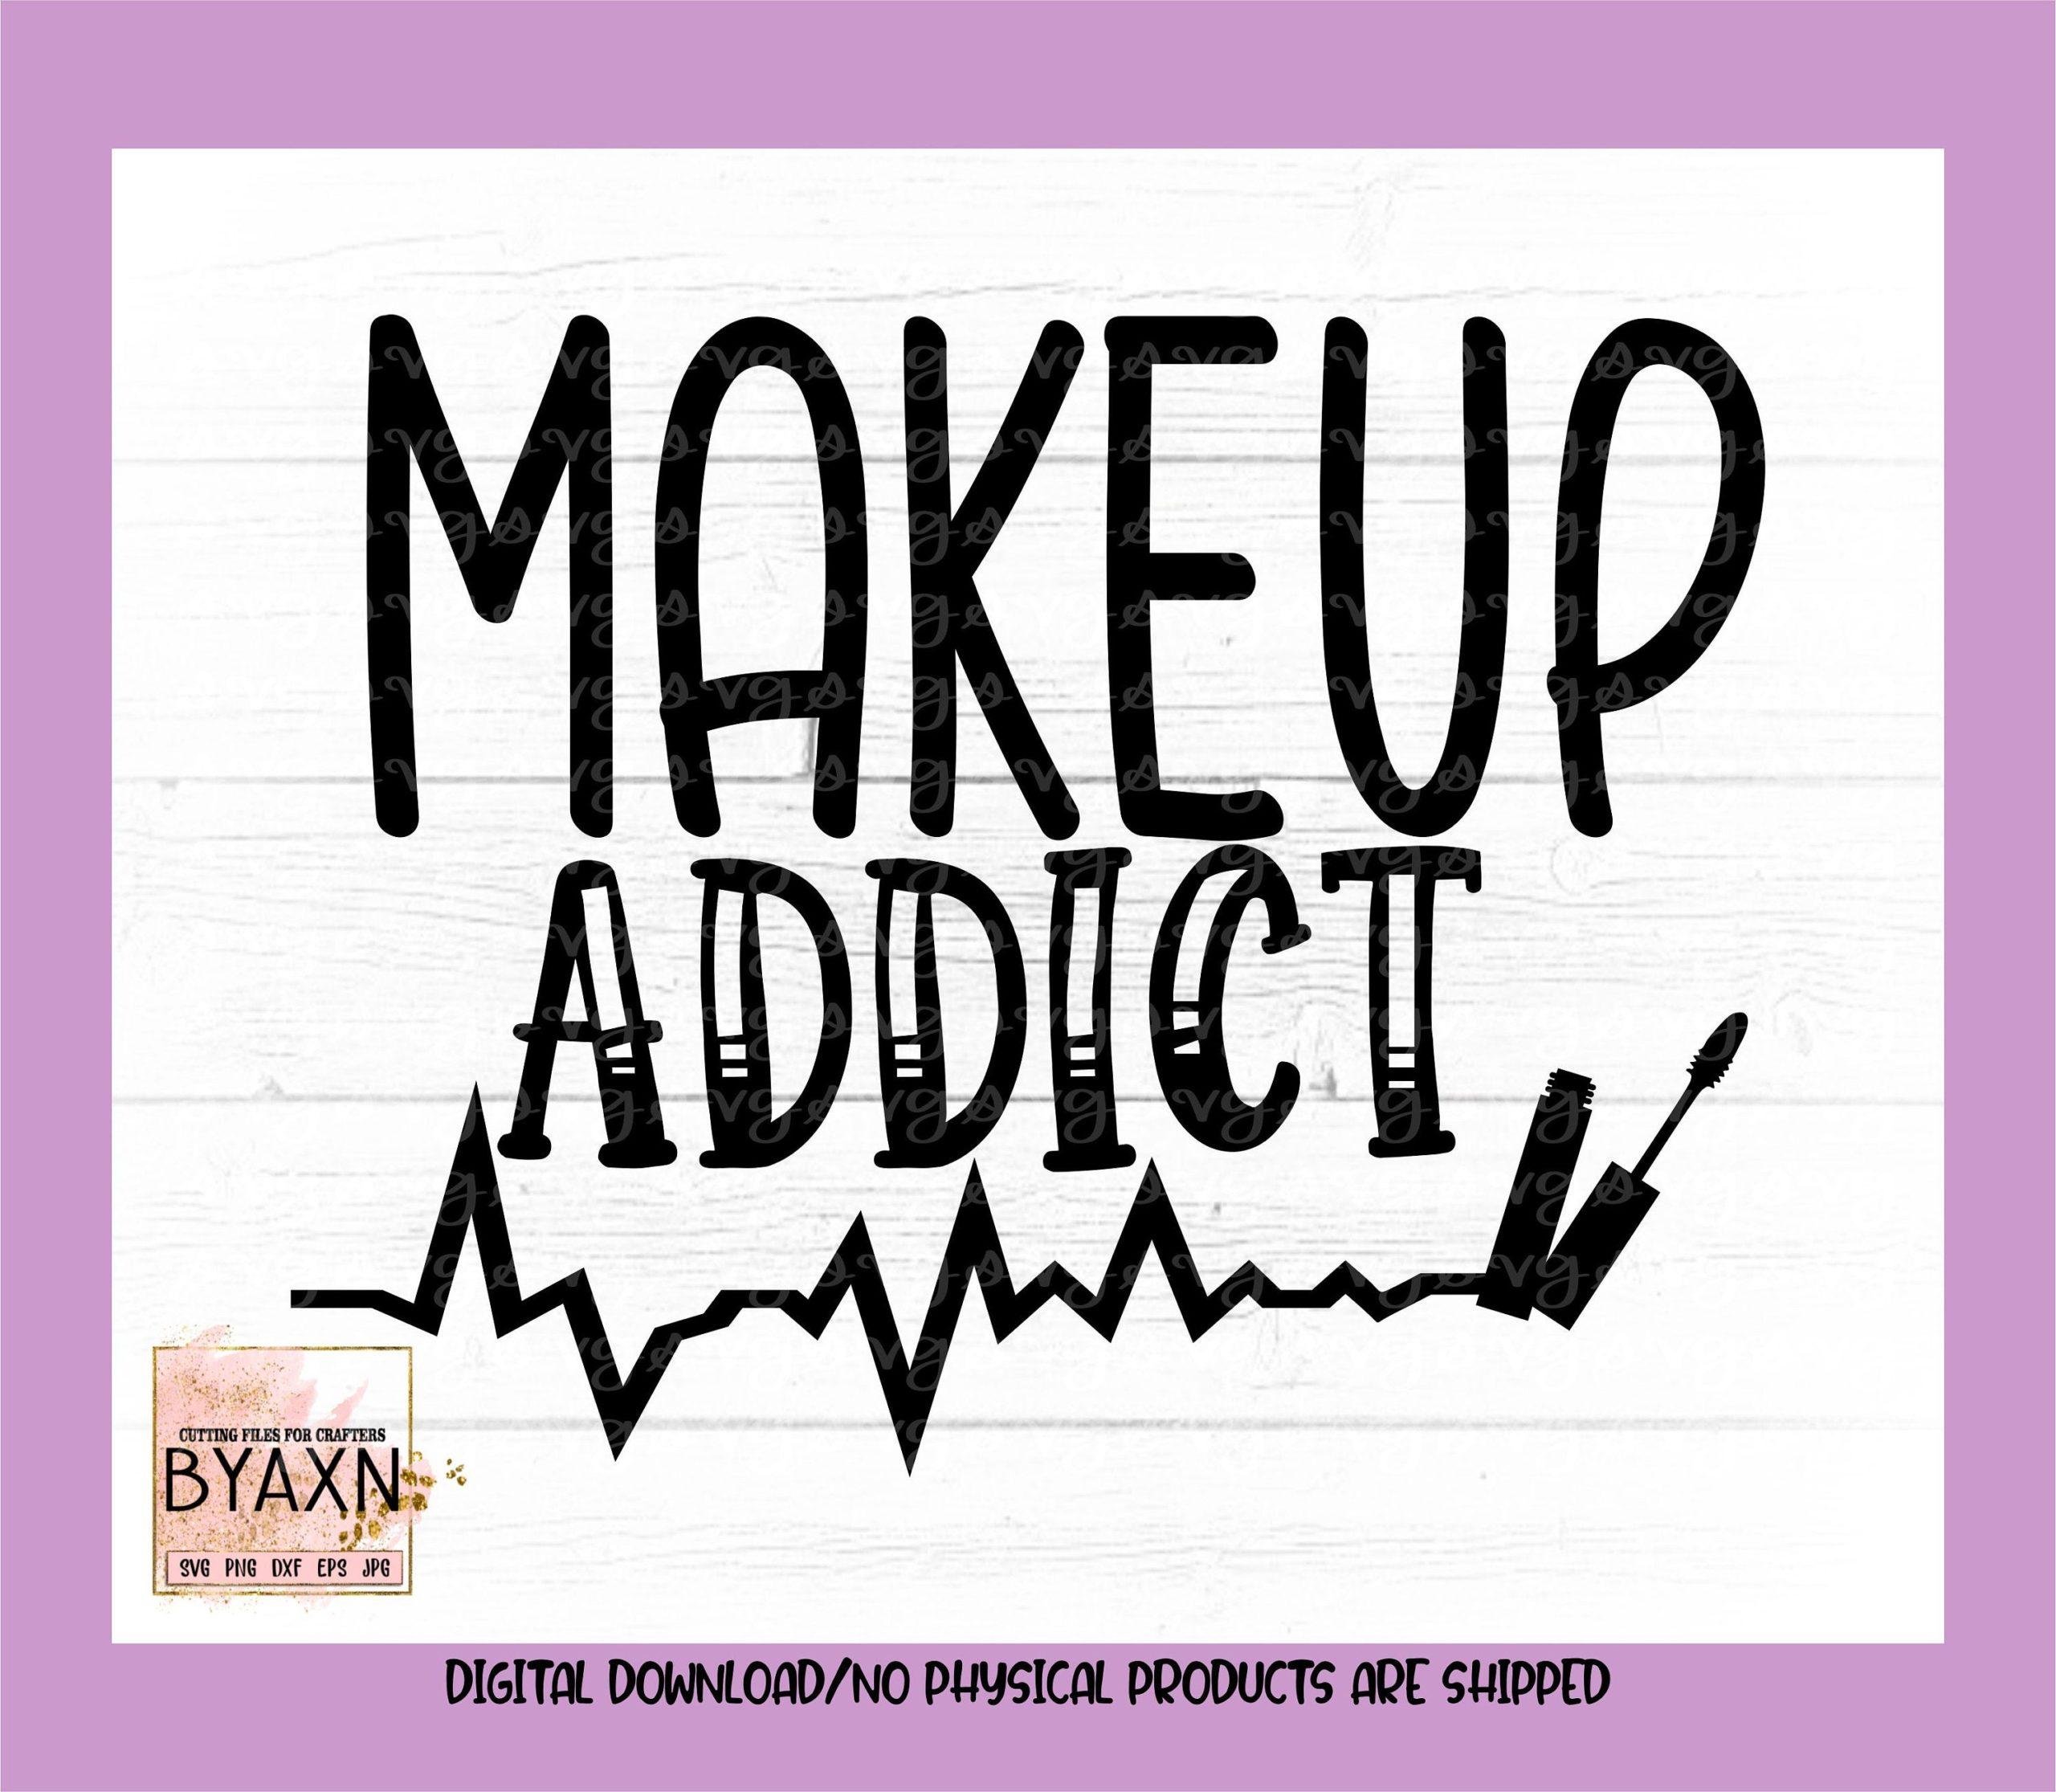 Make-up-svgmakeup-addict-svg-makeup-svg-lipstick-addict-svg-make-upsvg-mascara-svg-makeup-svg-design-makeup-cut-file-cricut-svg-60514cd2